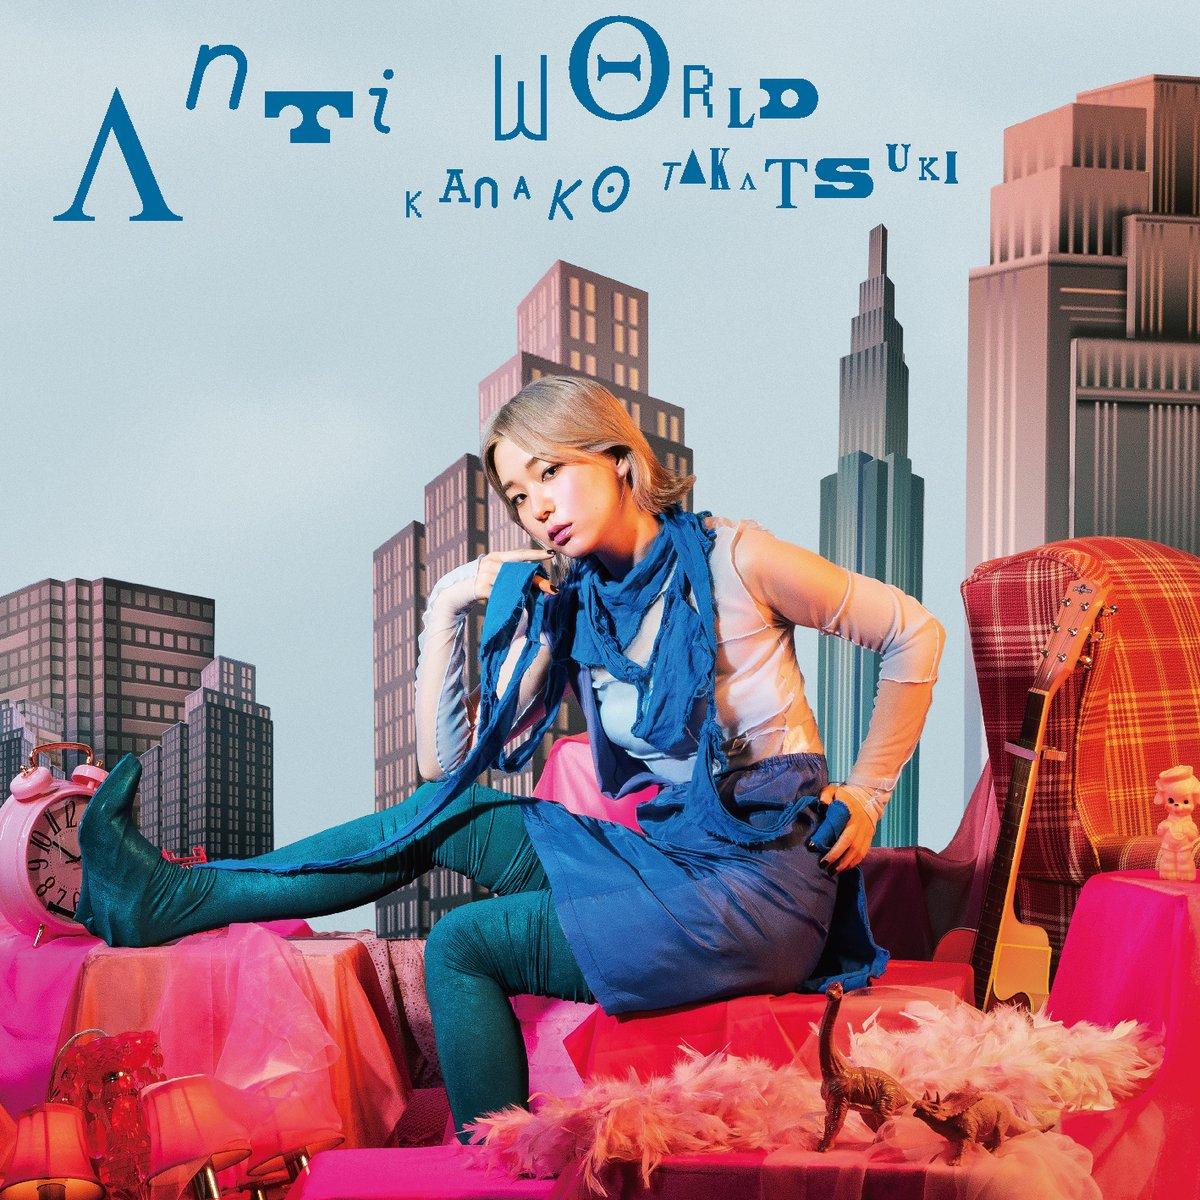 TVアニメ『100万の命の上に俺は立っている』OPテーマ「Anti world」配信中!Spotifyさんのプレイリスト、